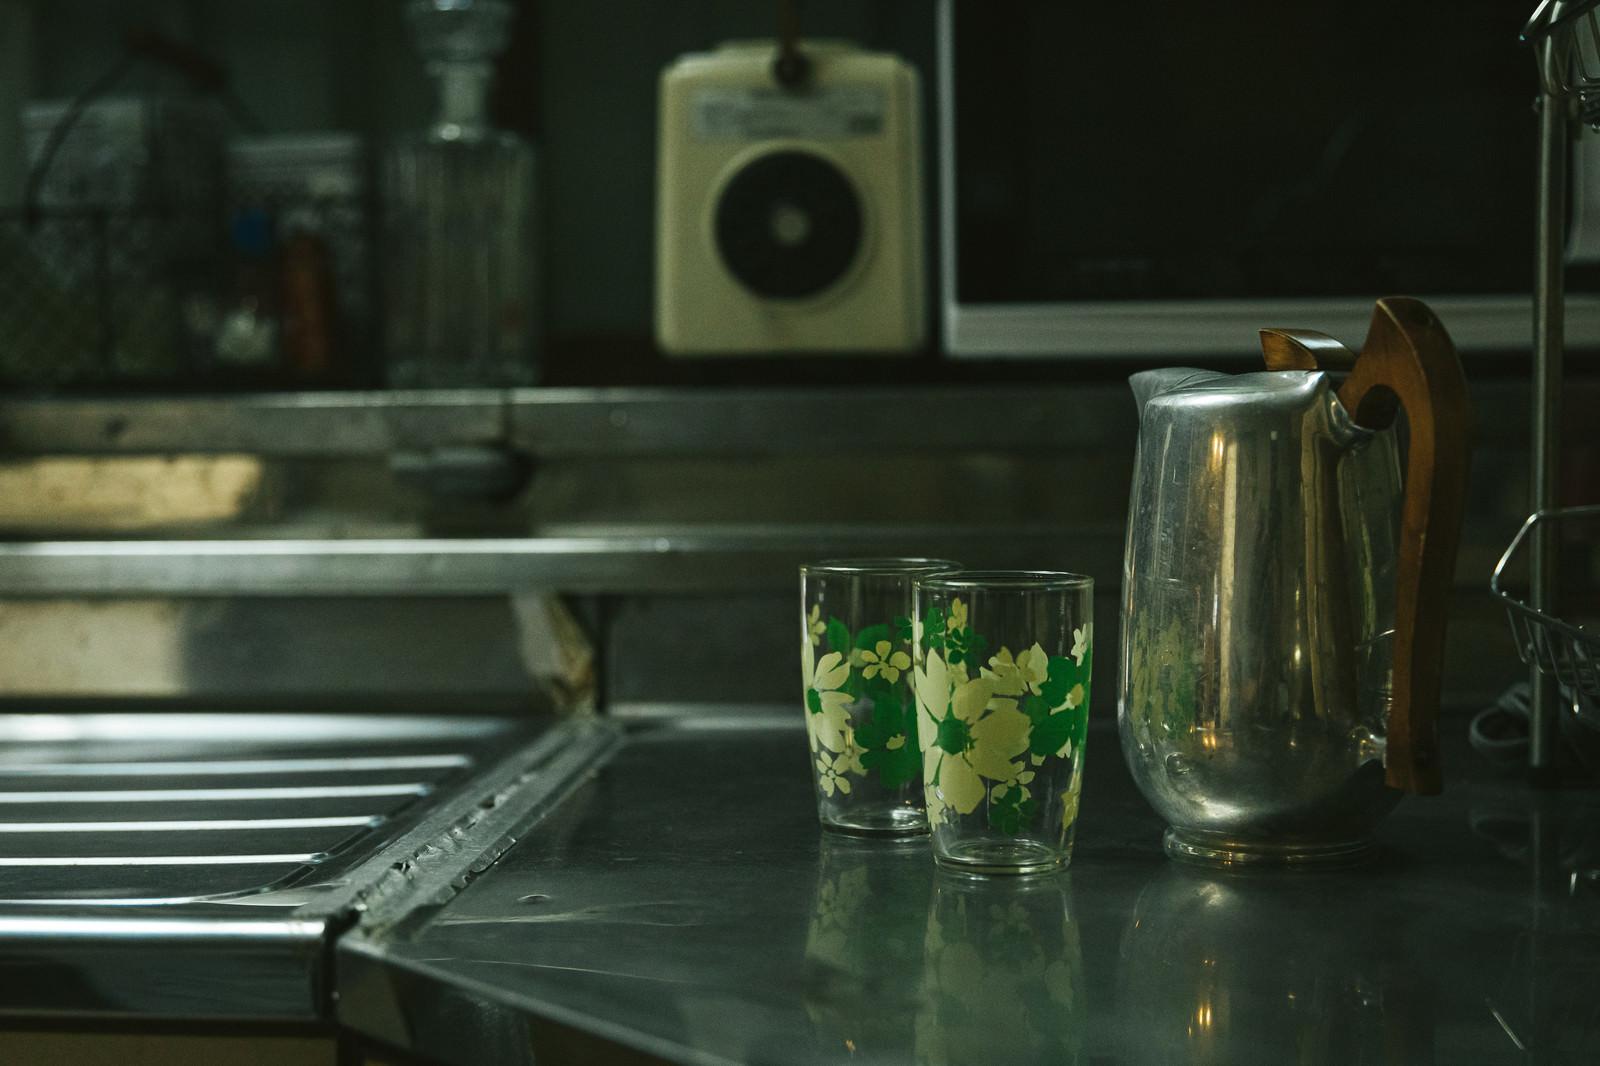 「台所とポットとコップ」の写真